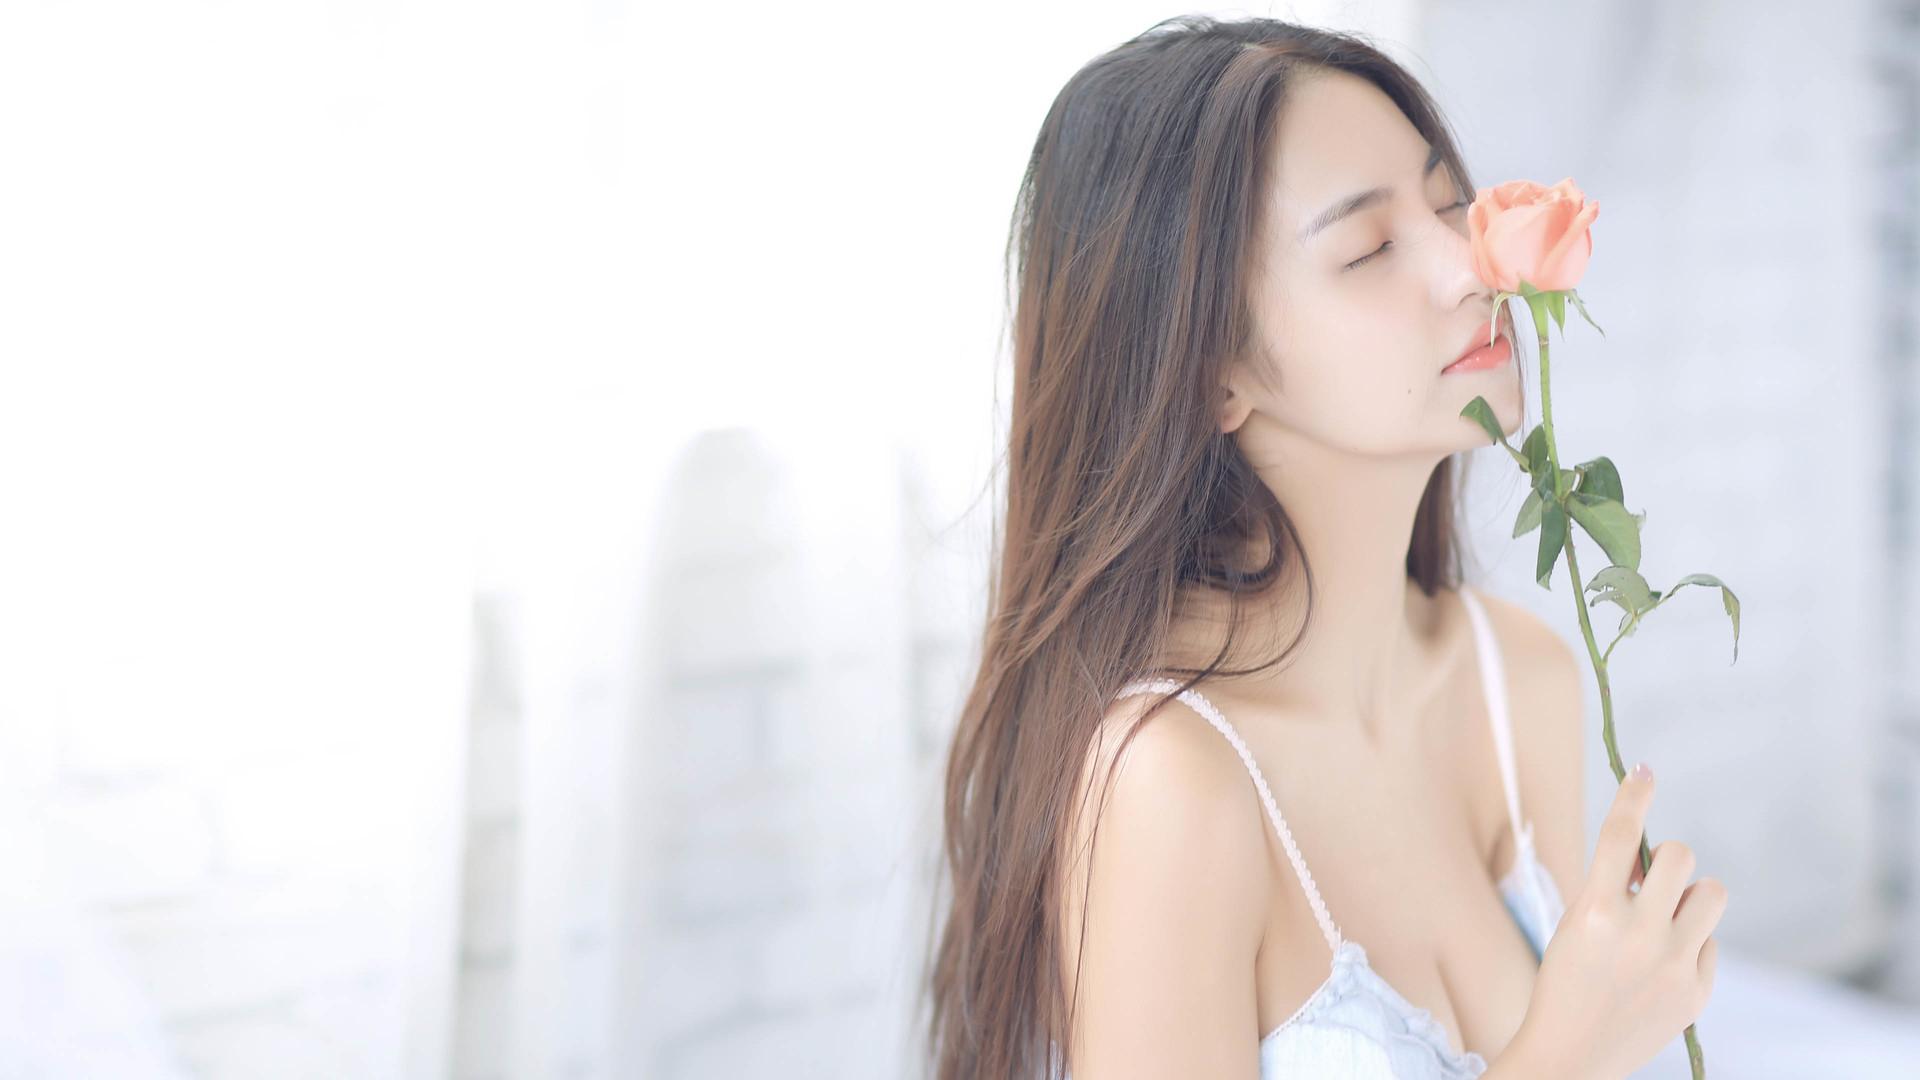 魅力女性高清图片